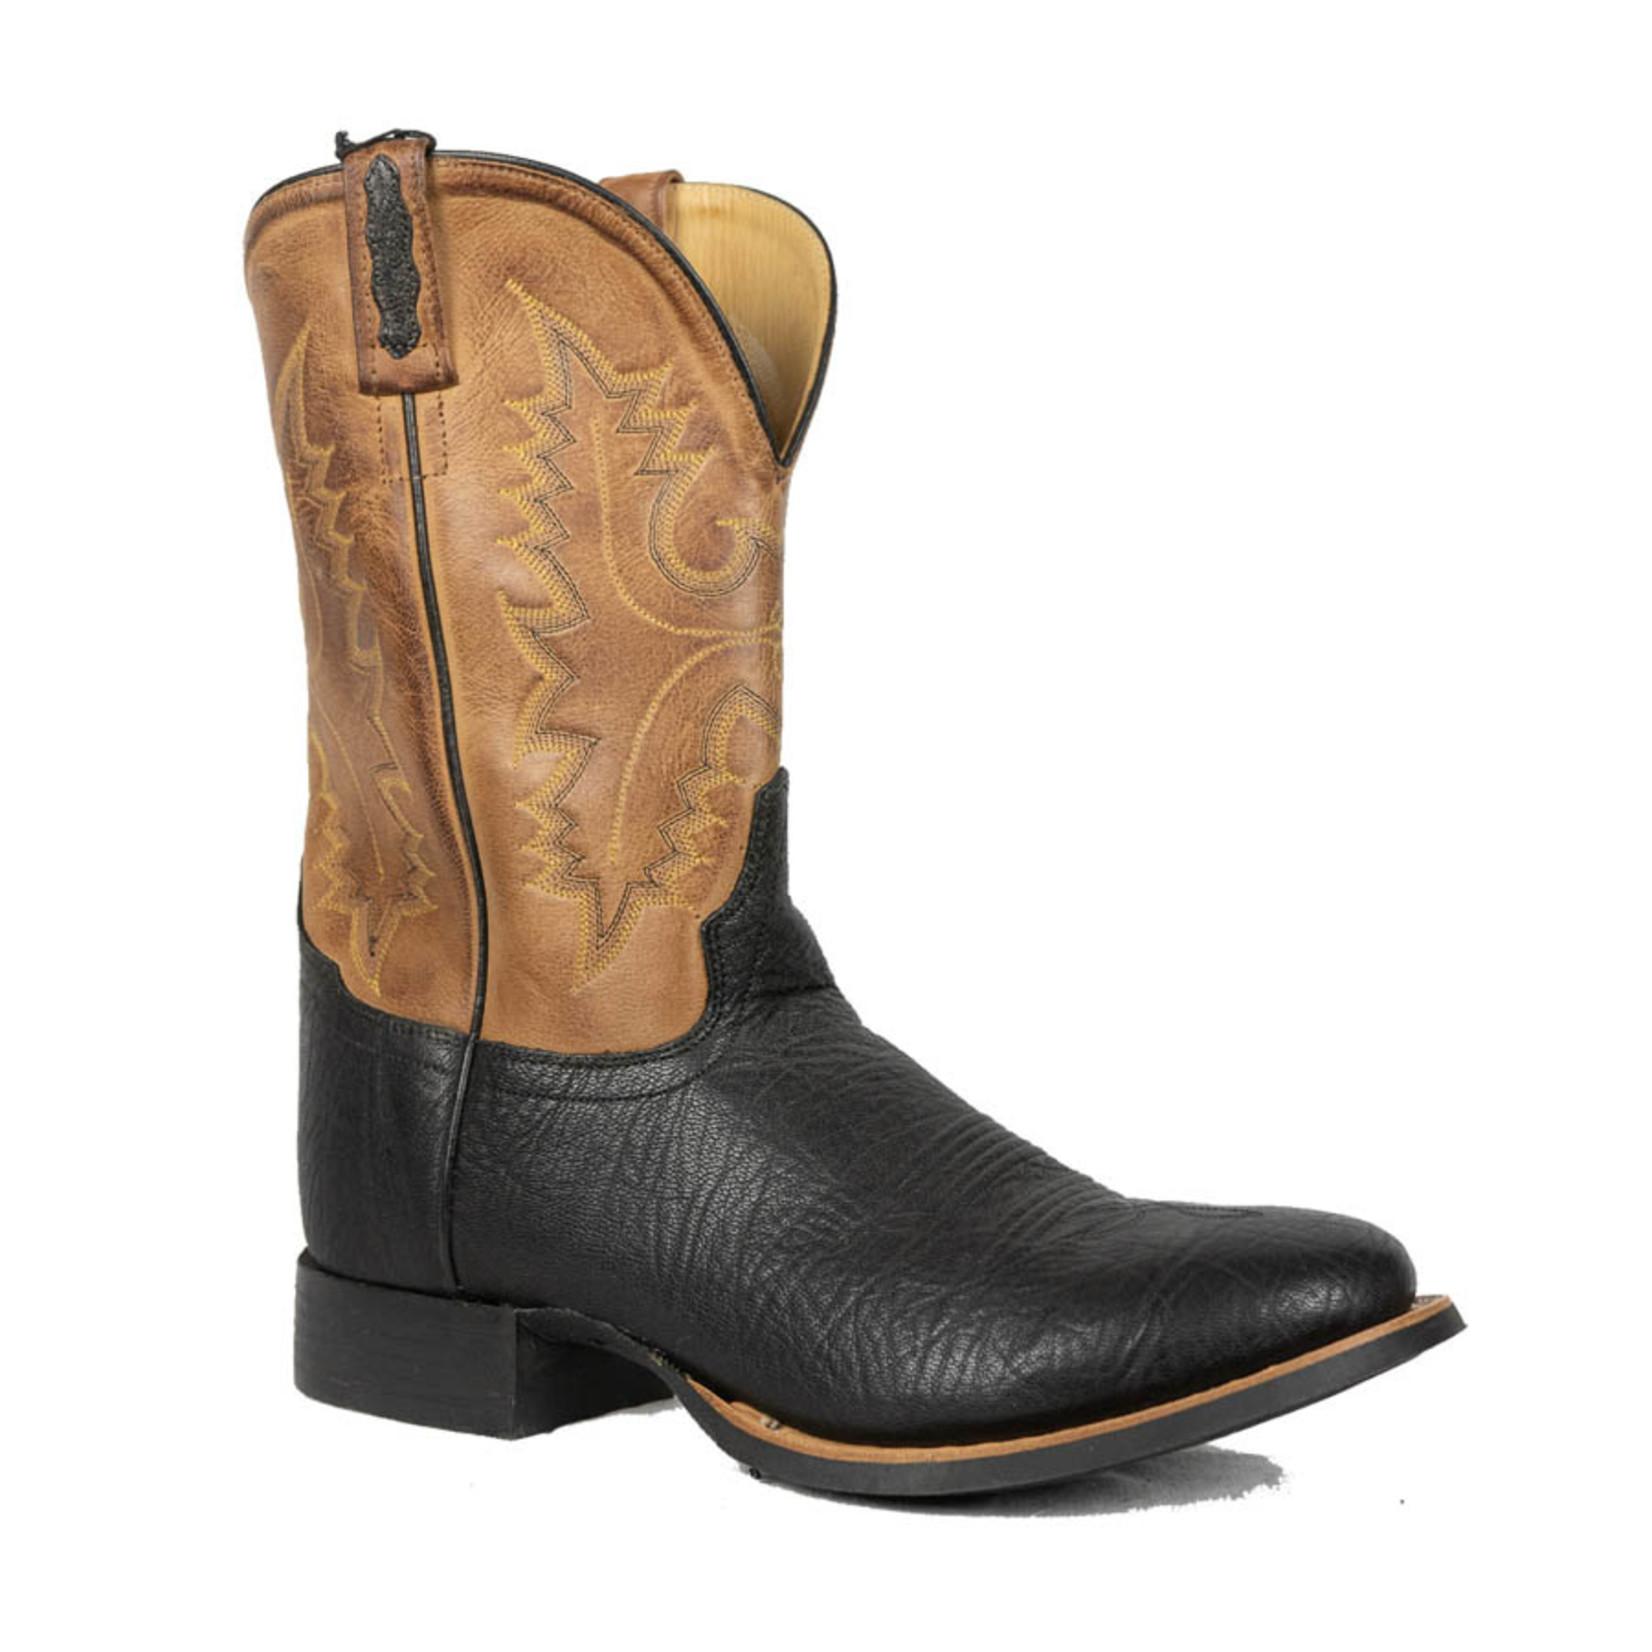 Old west Old West Men's Cowboy Boot 16606M 2E